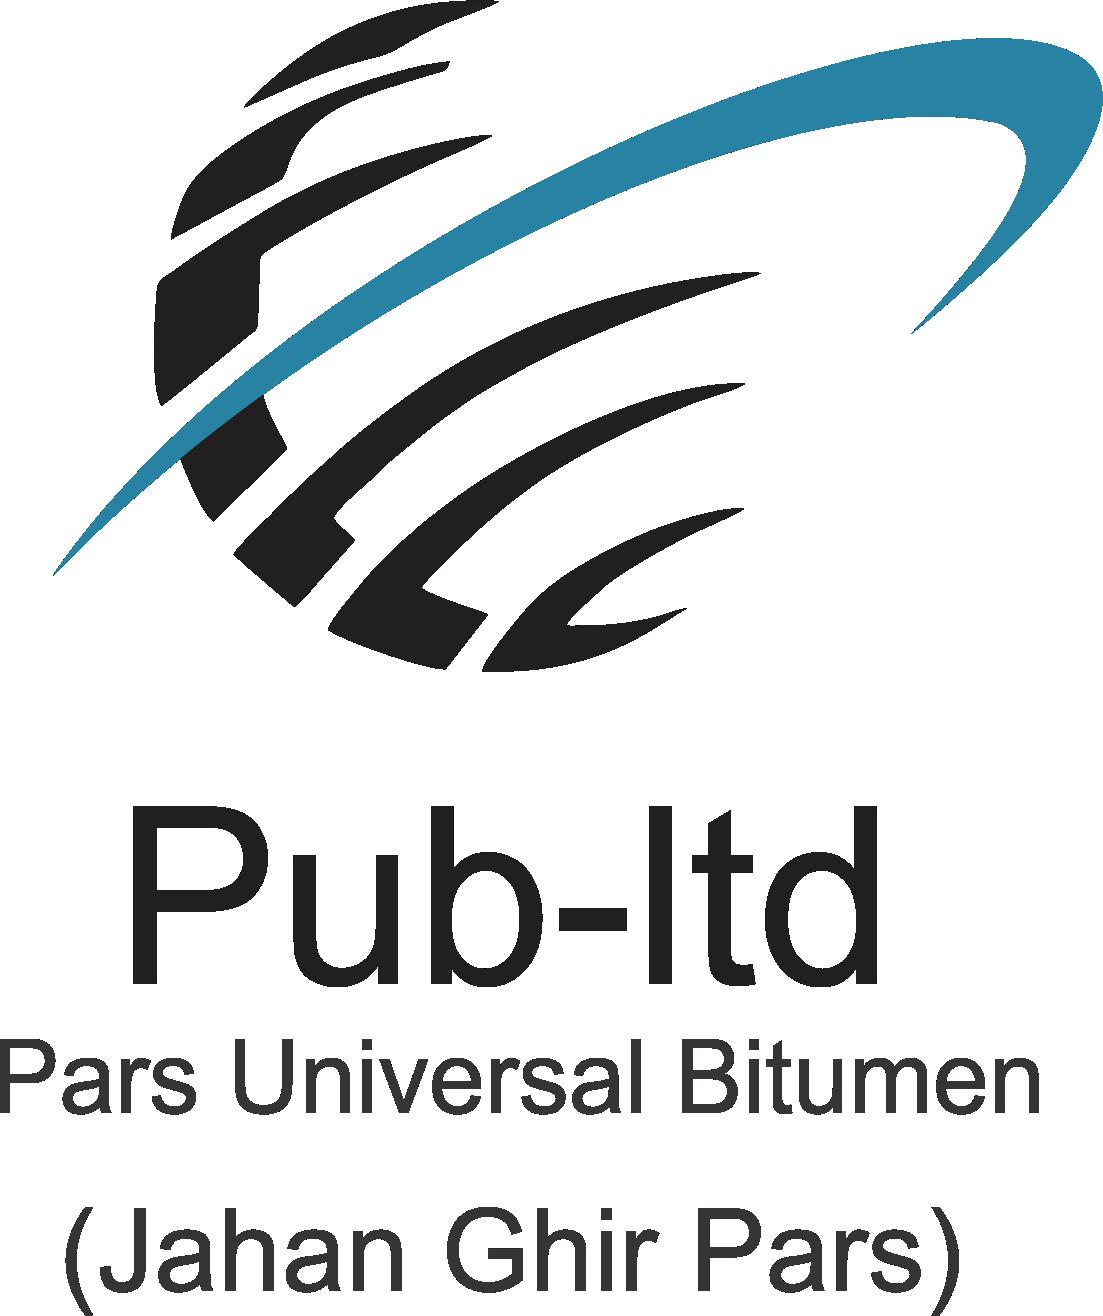 Pars Universal Bitumen logo